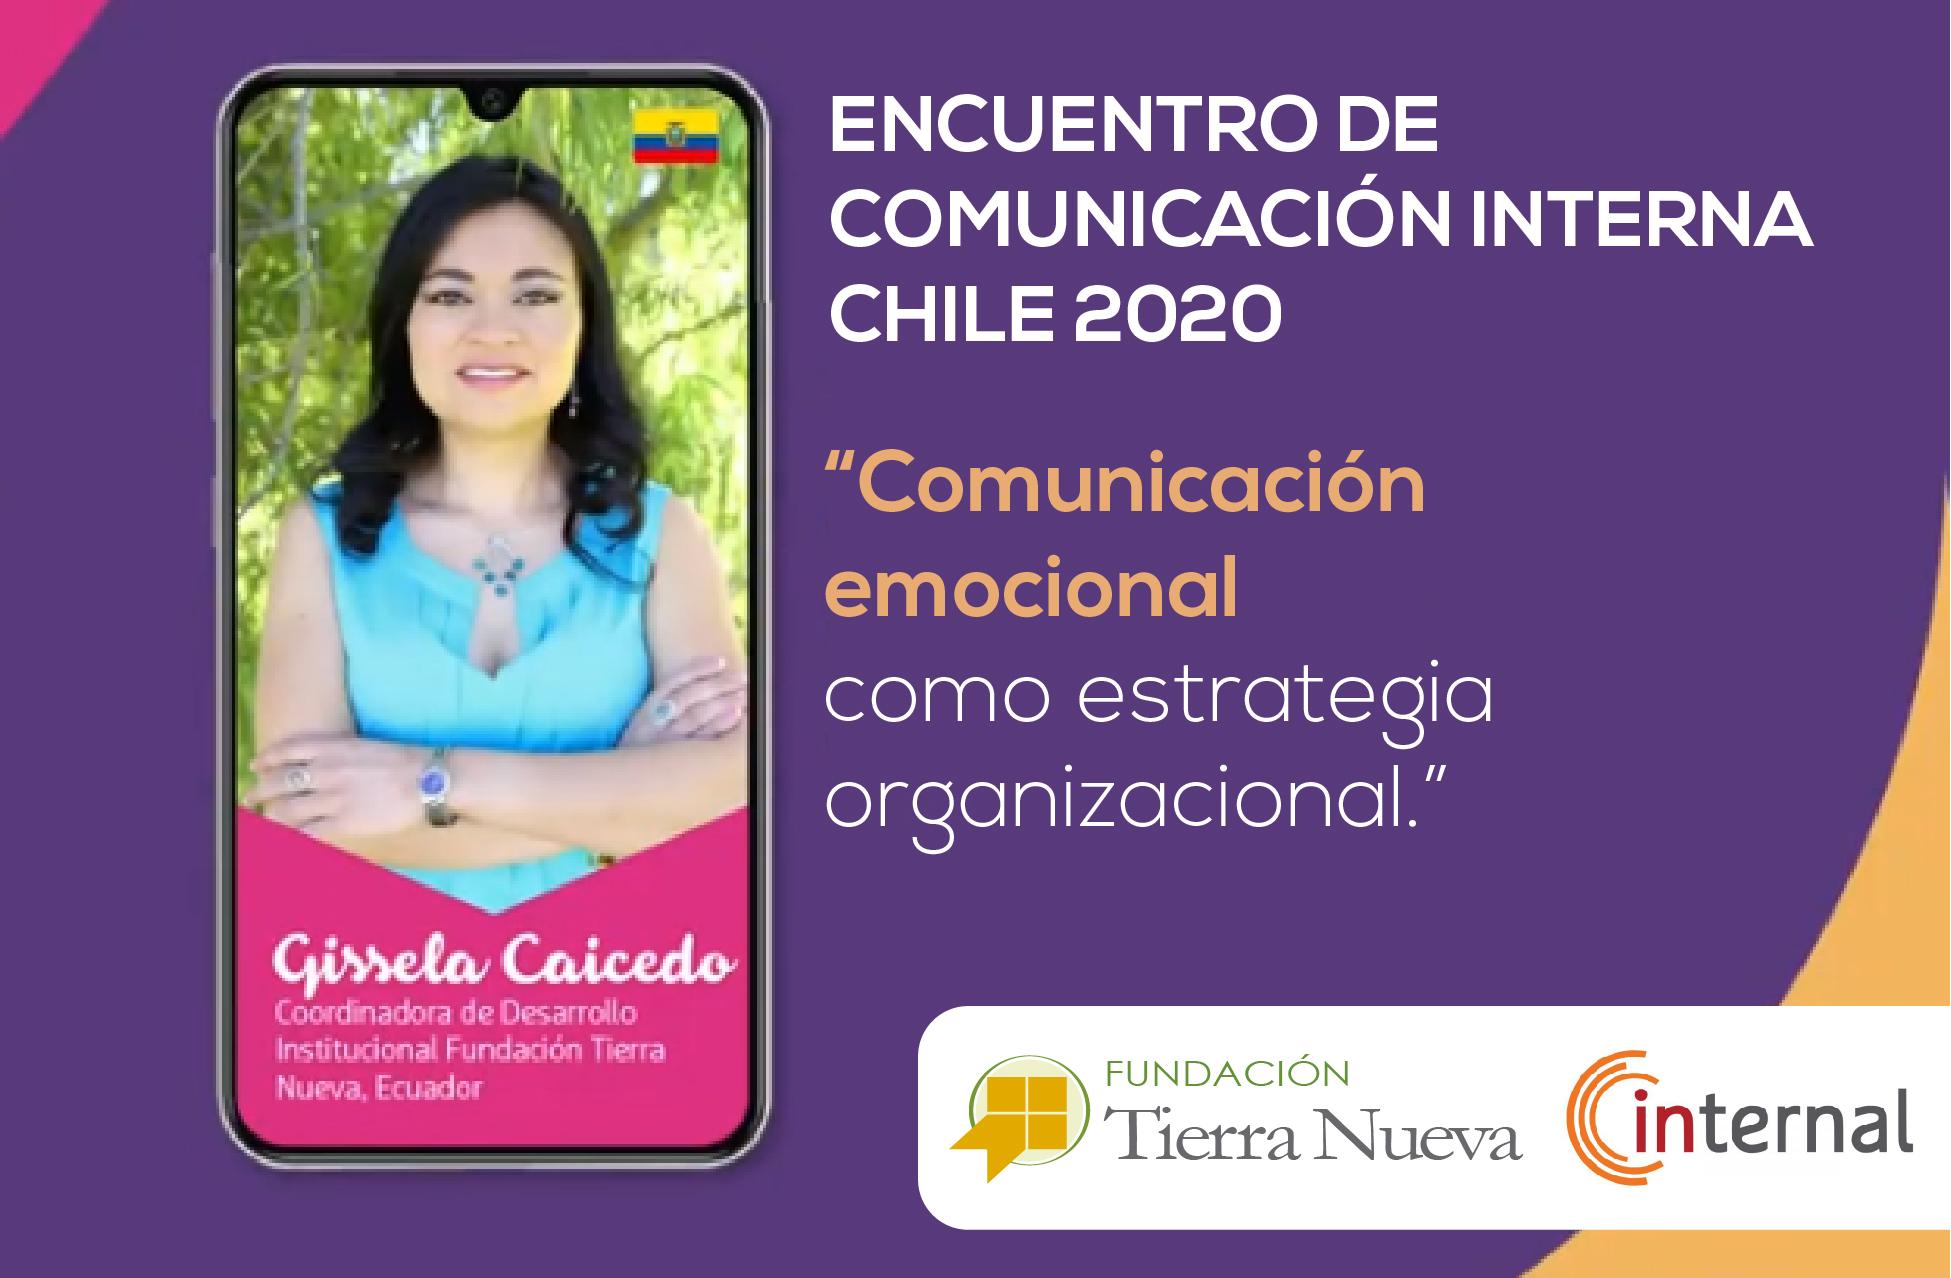 Encuentro de Comunicación Interna Chile 2020. Imagen tomada del portal web de Internal.